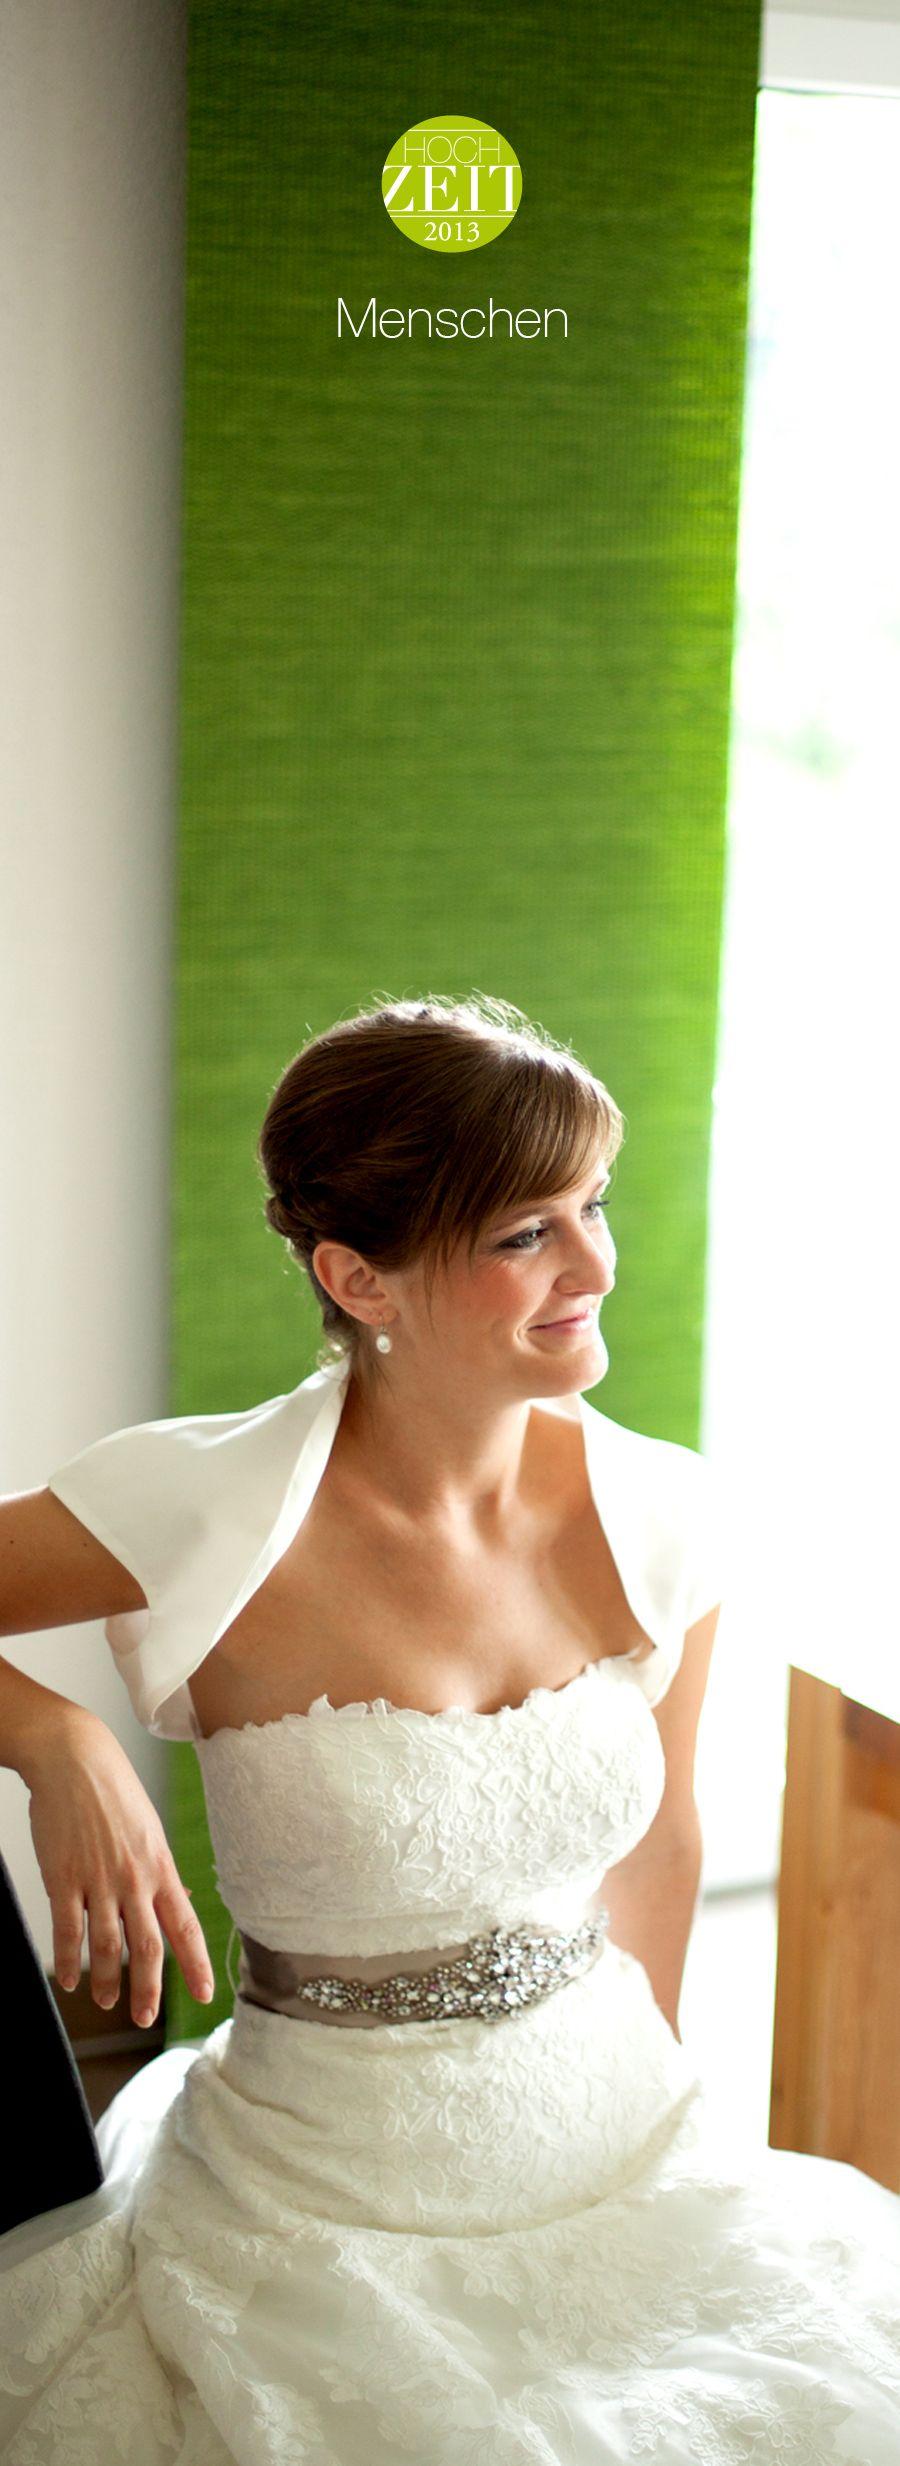 Weddingphoto 2013